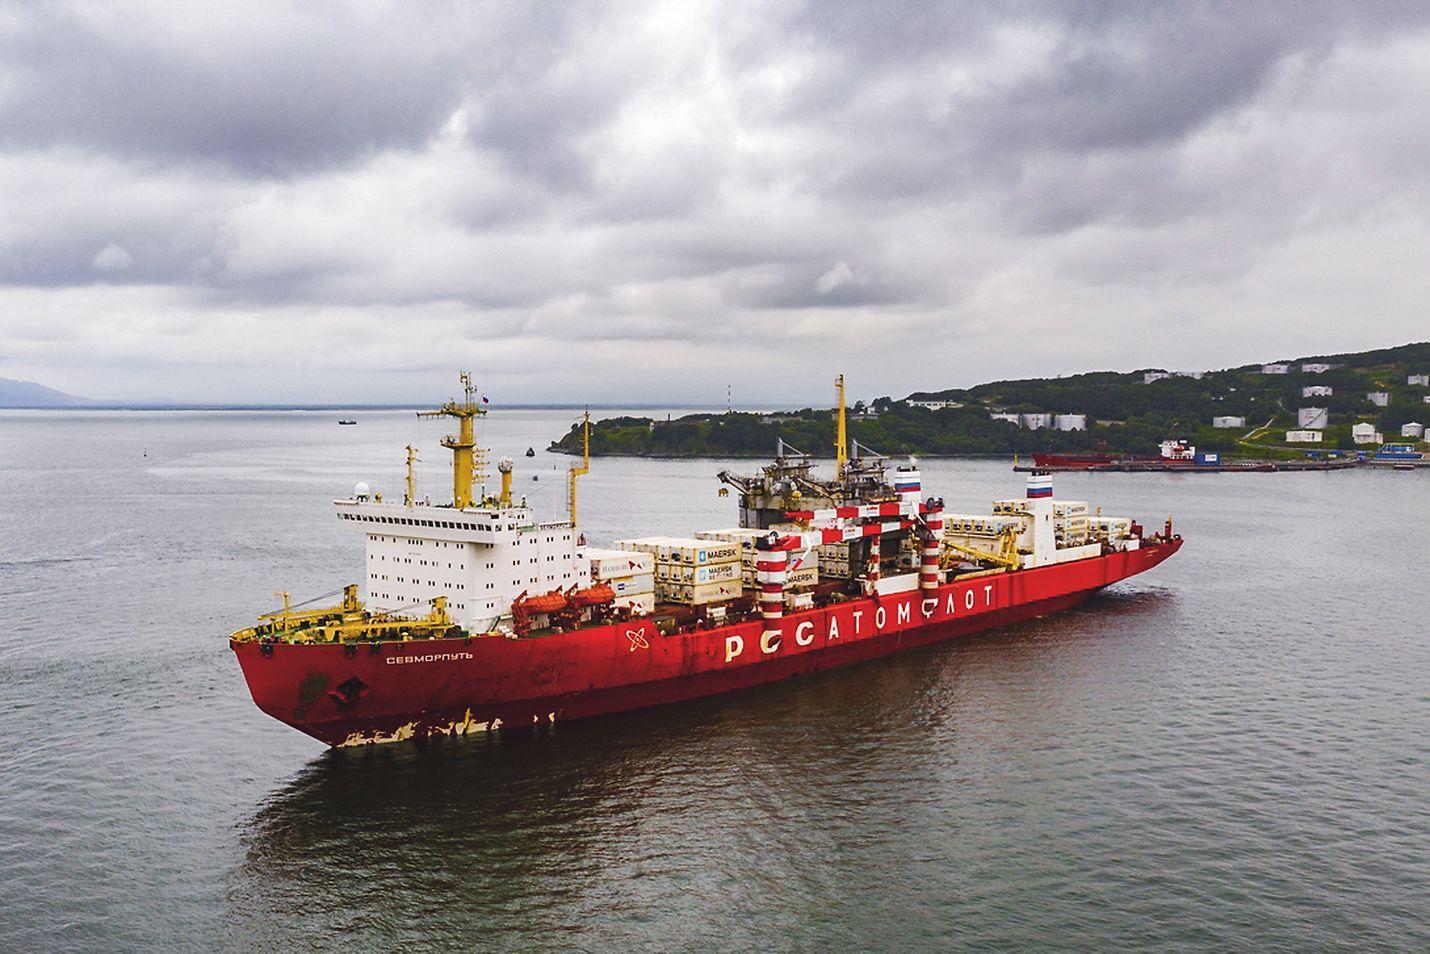 Sevmorputin syyskuinen käynti Itämerellä jäi ainakin näillä näkymin aluksen viimeiseksi.